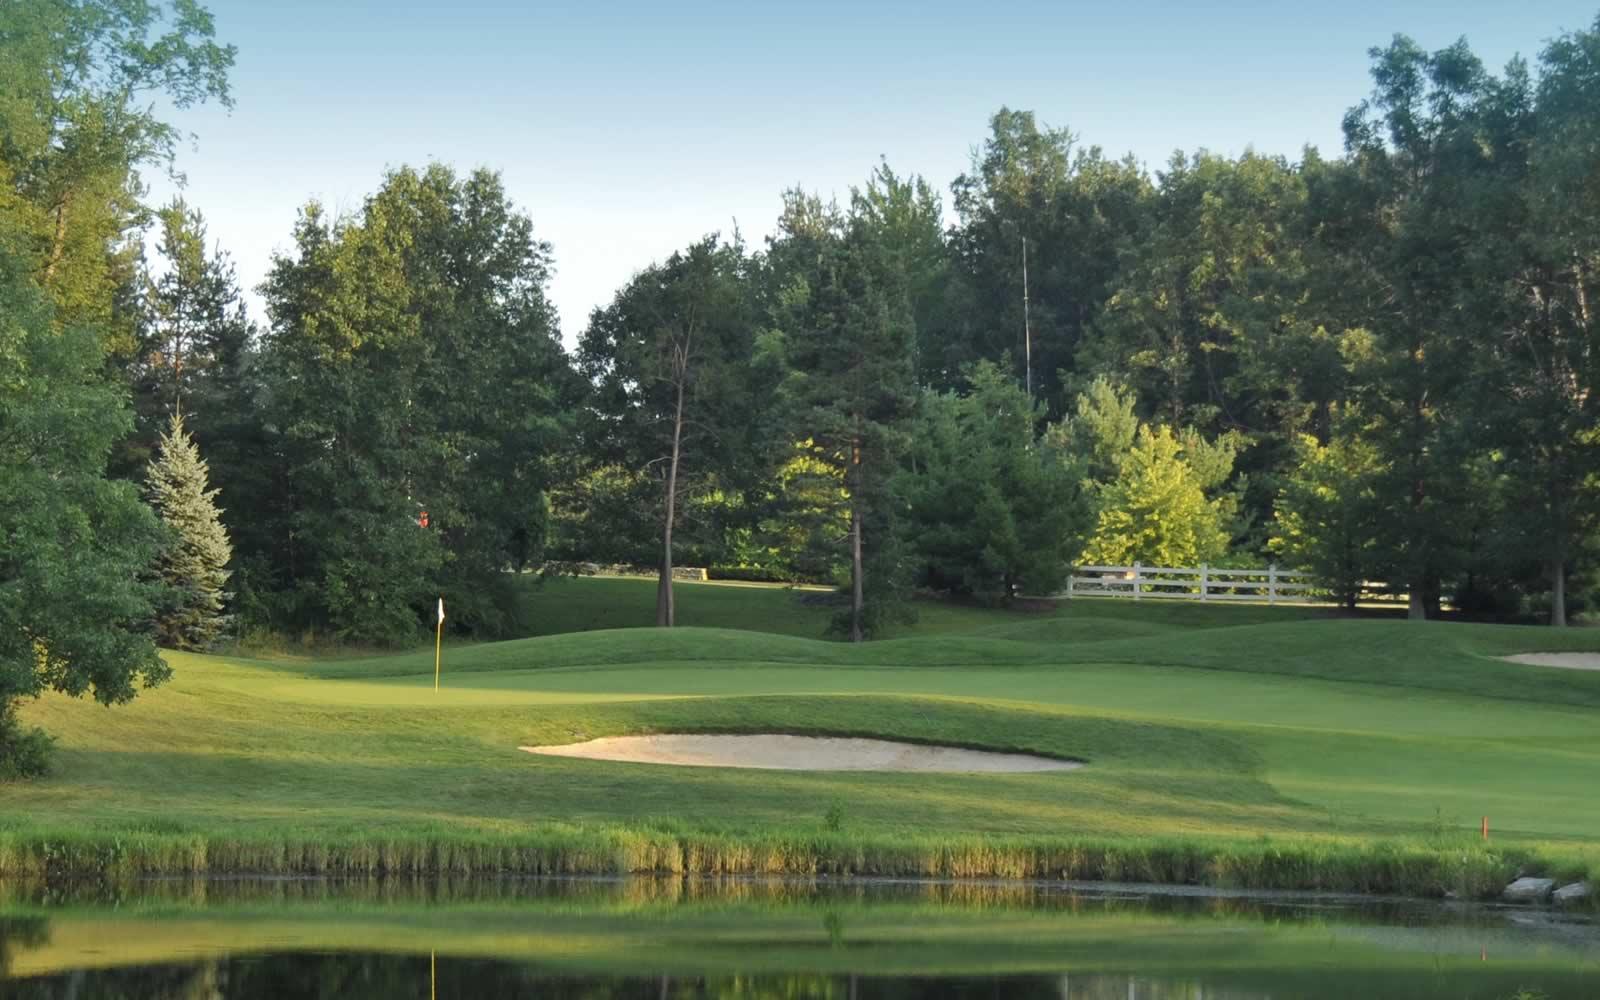 http://rhswyan1970.com/wp-content/uploads/2019/05/Golf.jpg